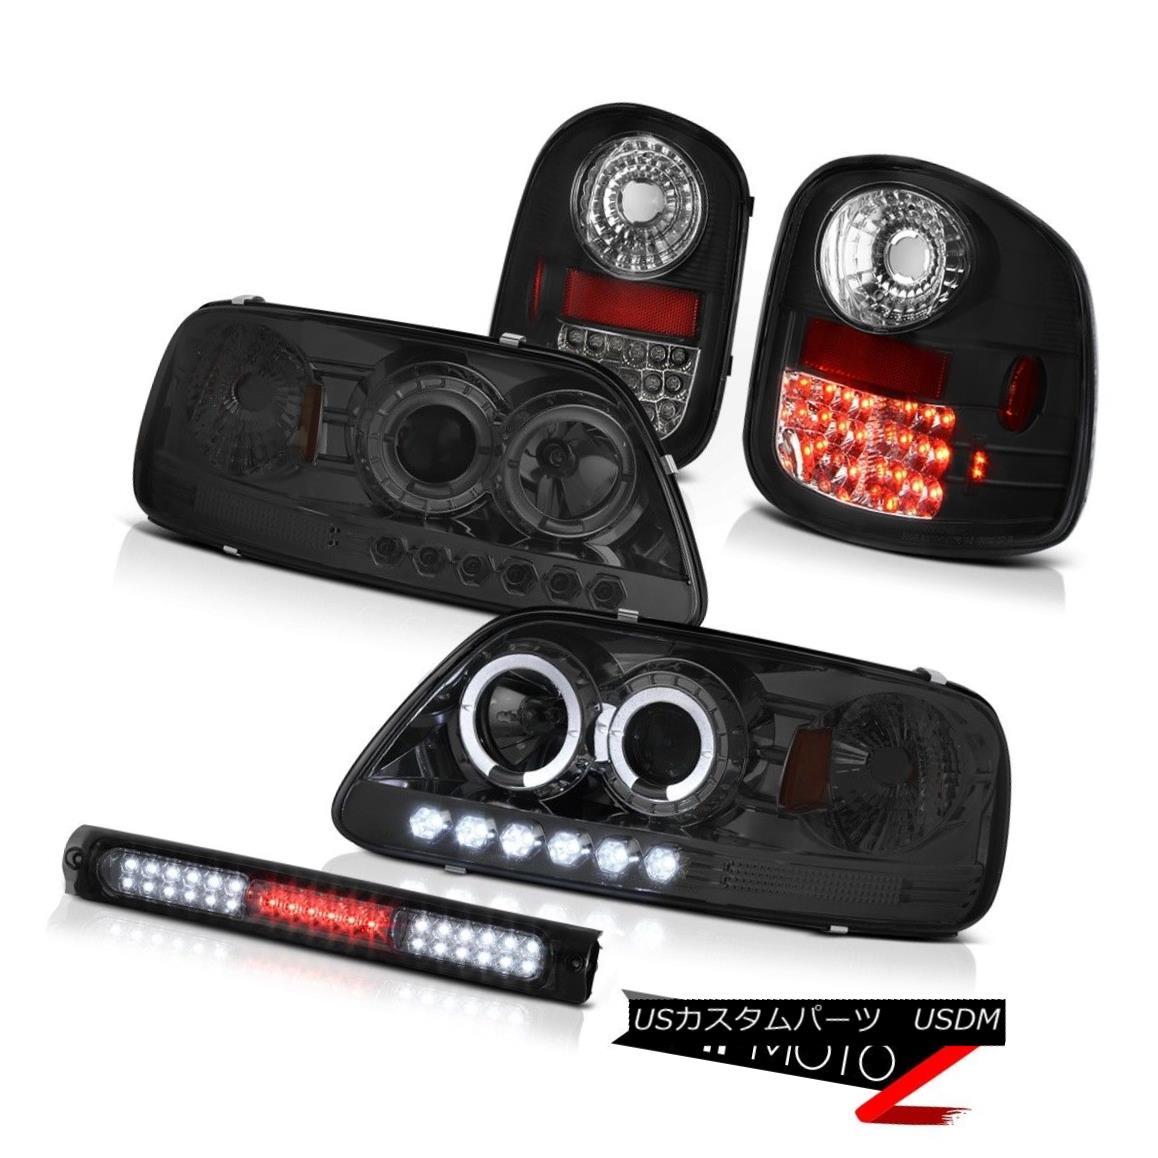 テールライト Headlights Halo DRL LED SMD Taillights High Stop 3rd 97-03 F150 Flareside Lariat ヘッドライトHalo DRL LED SMDテールライトハイストップ3rd 97-03 F150 Flareside Lariat